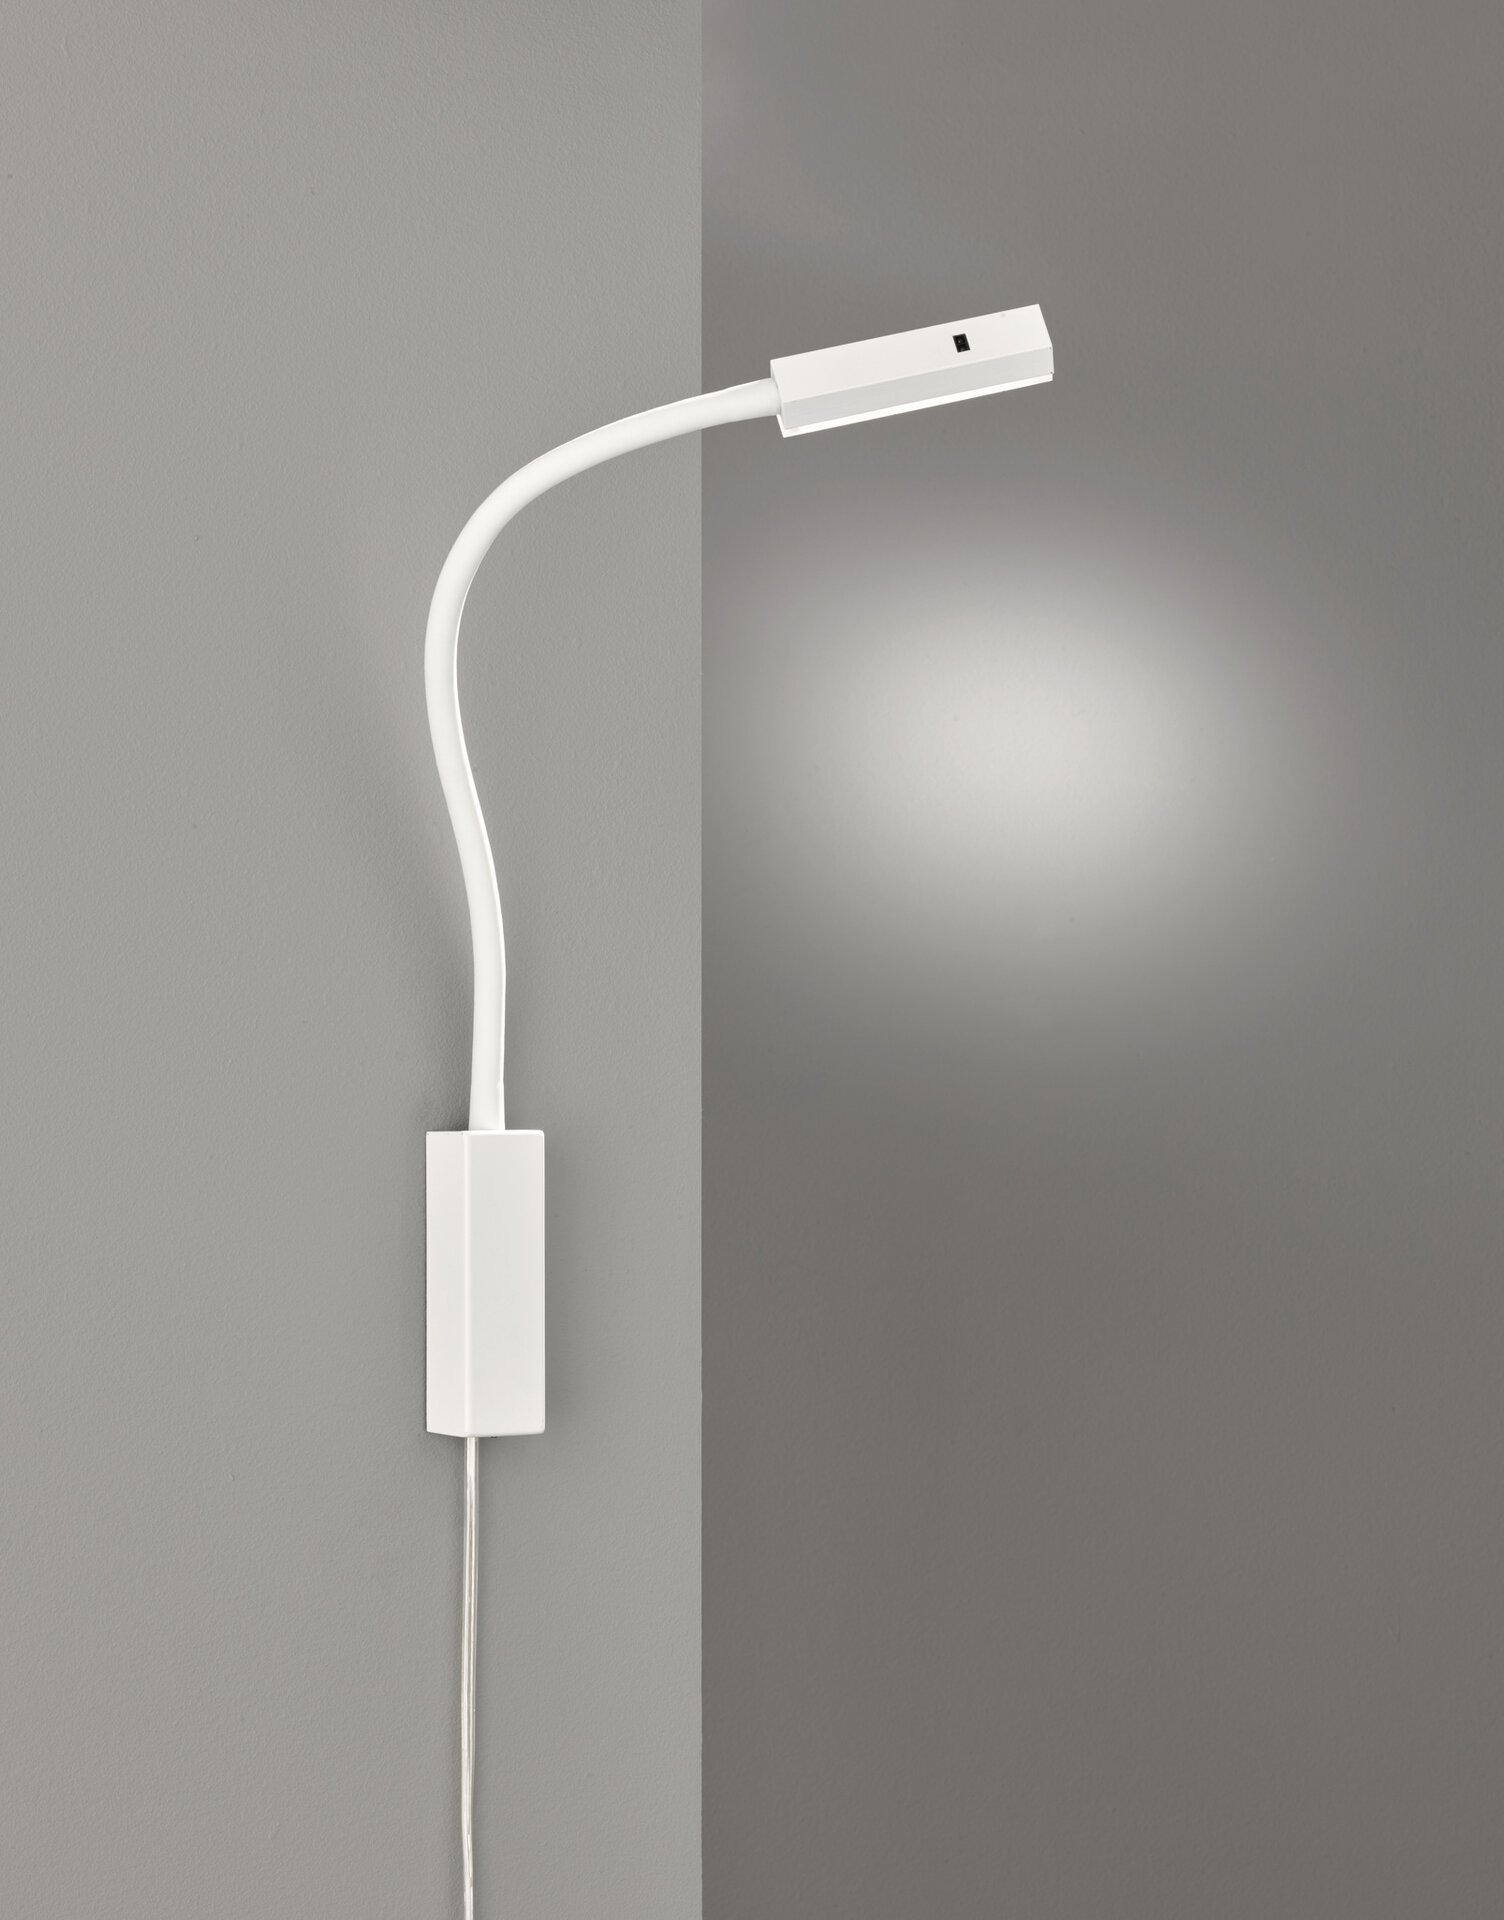 Leseleuchte Raik Fischer-Honsel Metall weiß 4 x 35 cm